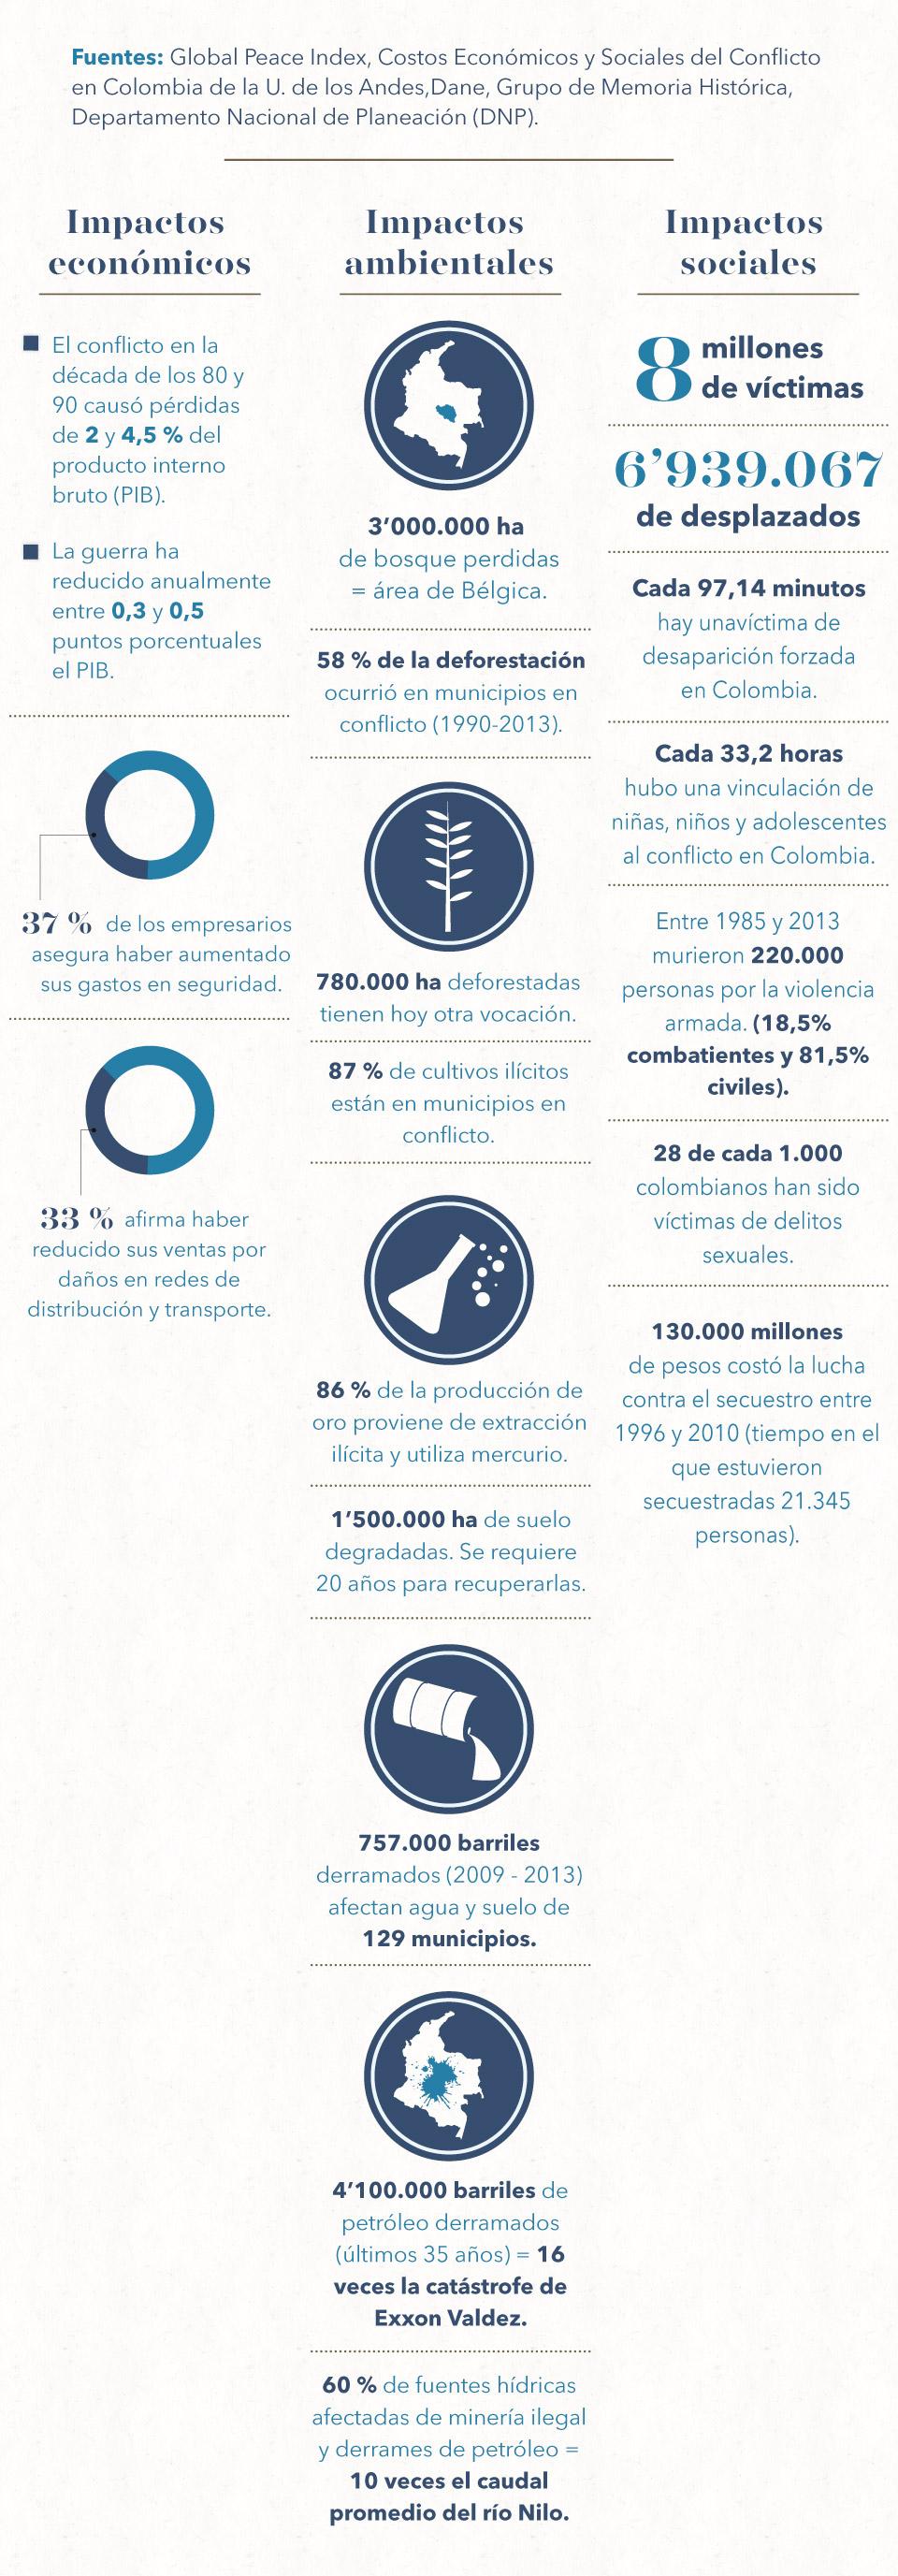 ¿Cuánto ha costado la guerra en Colombia? (infografía)